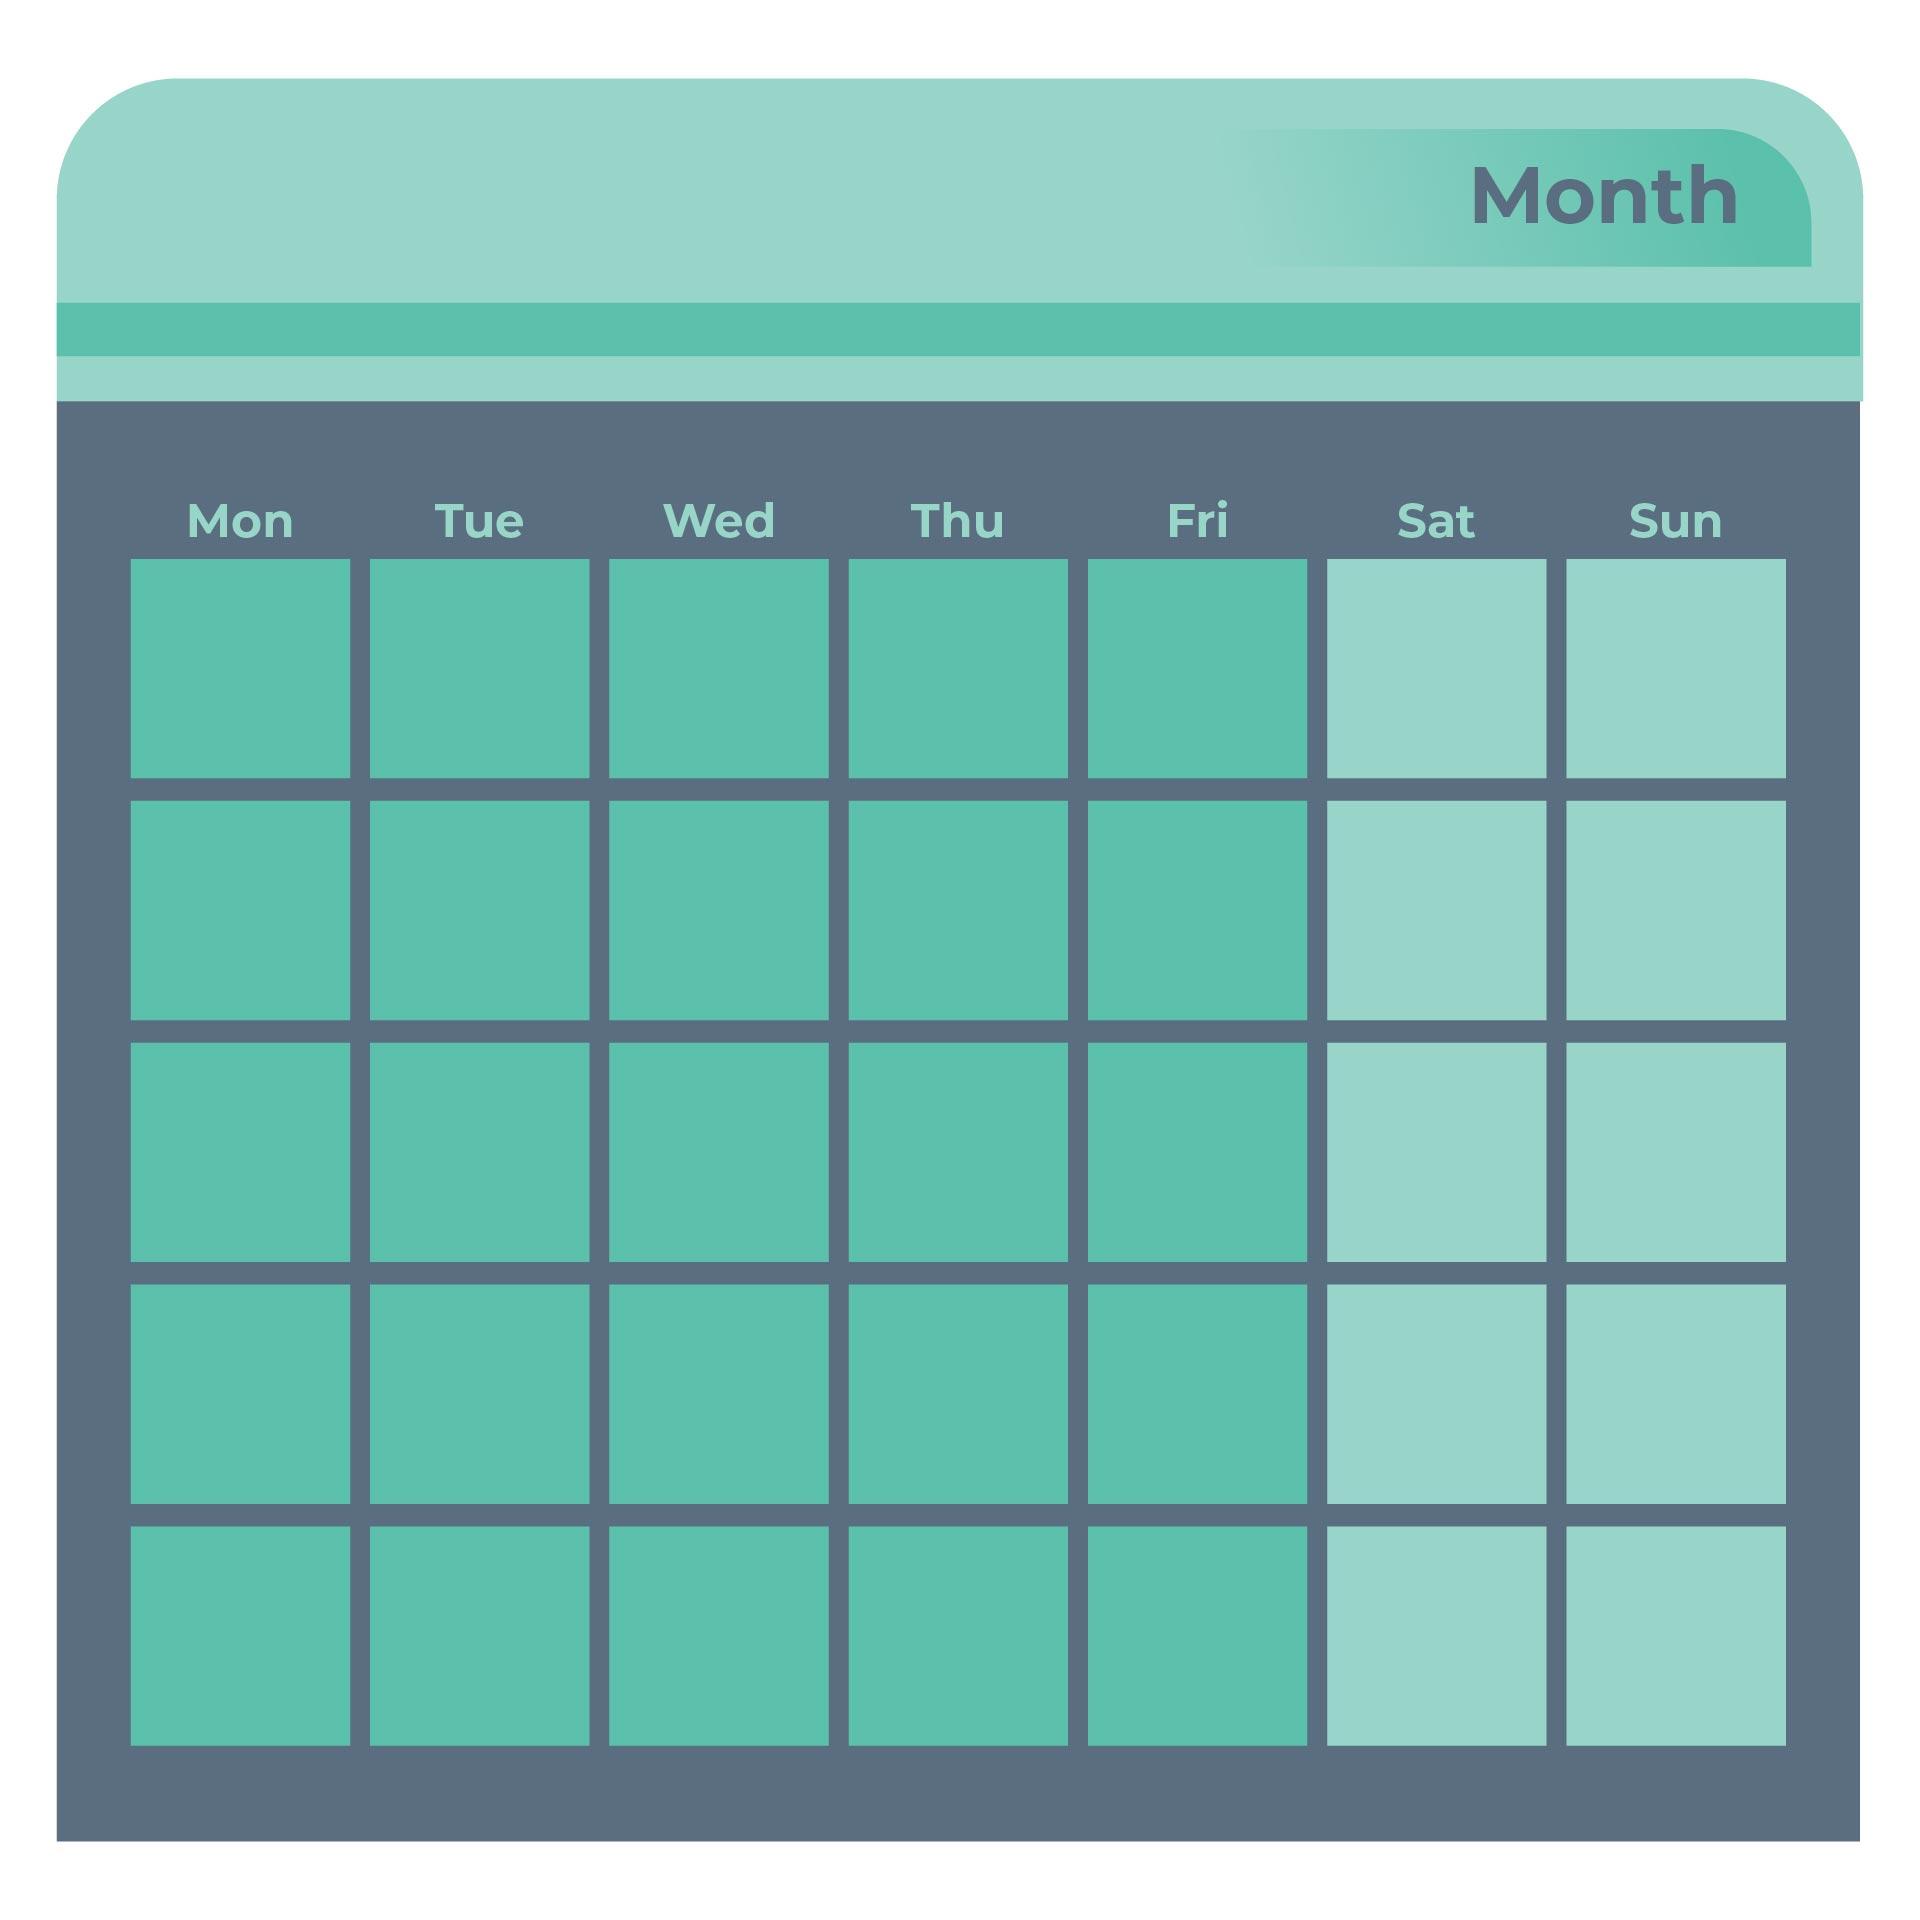 Blank Monday through Friday Printable Calendar